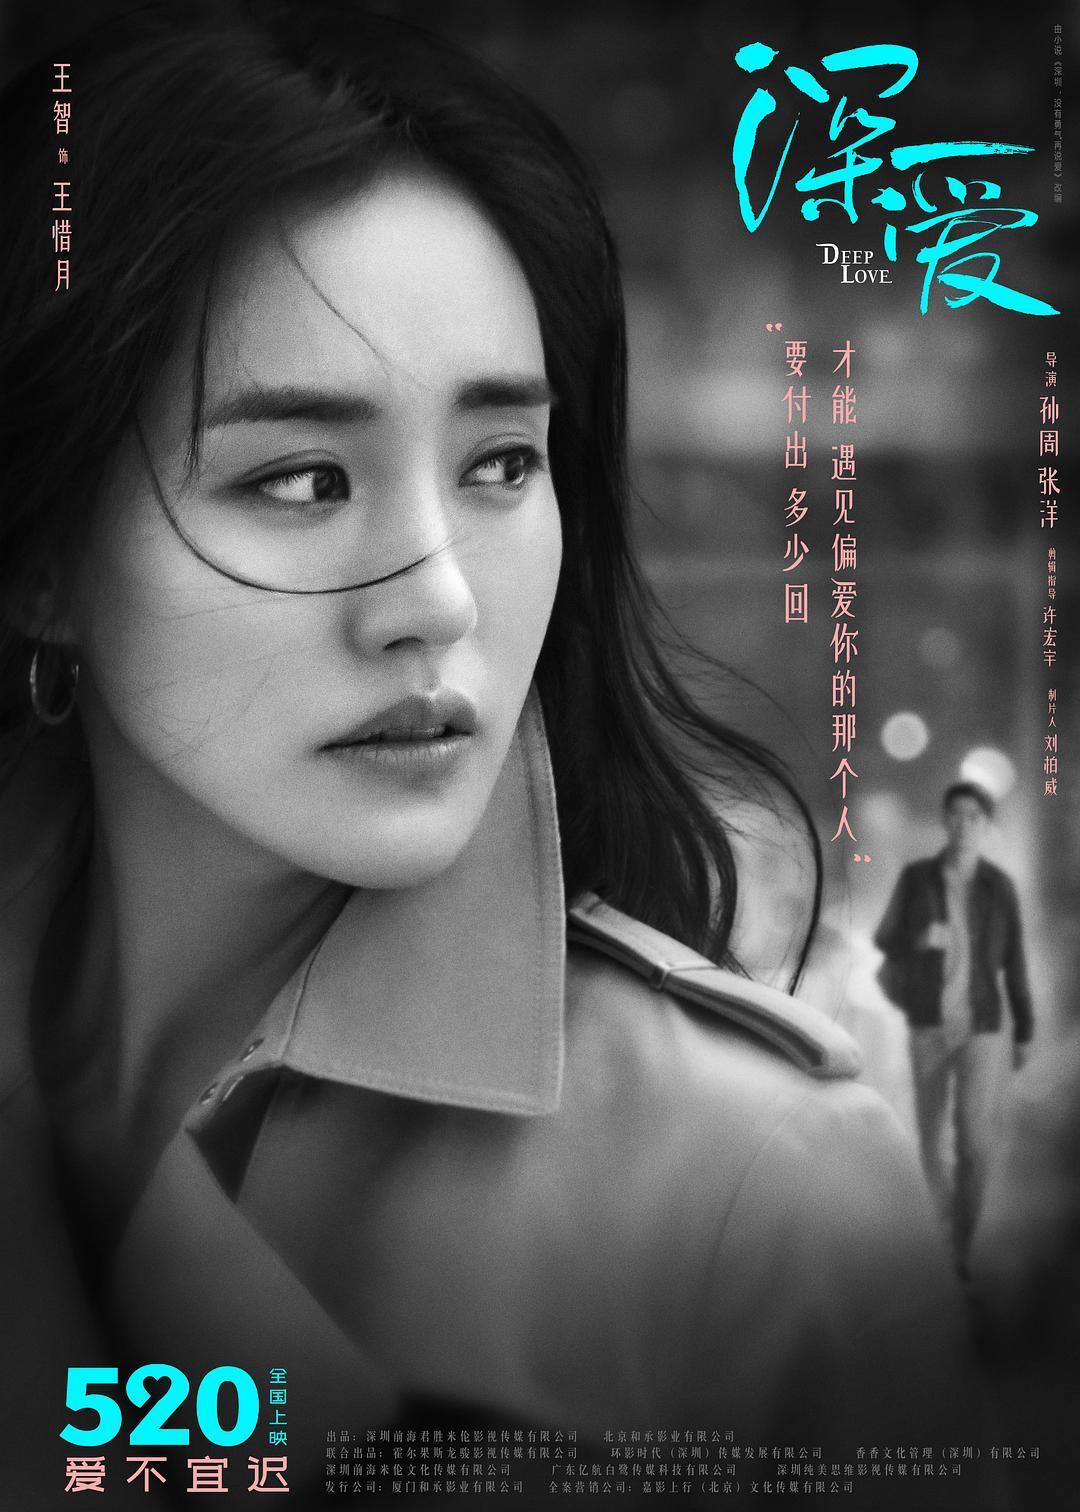 王智克拉拉领衔主演《深爱》将于五一档上映